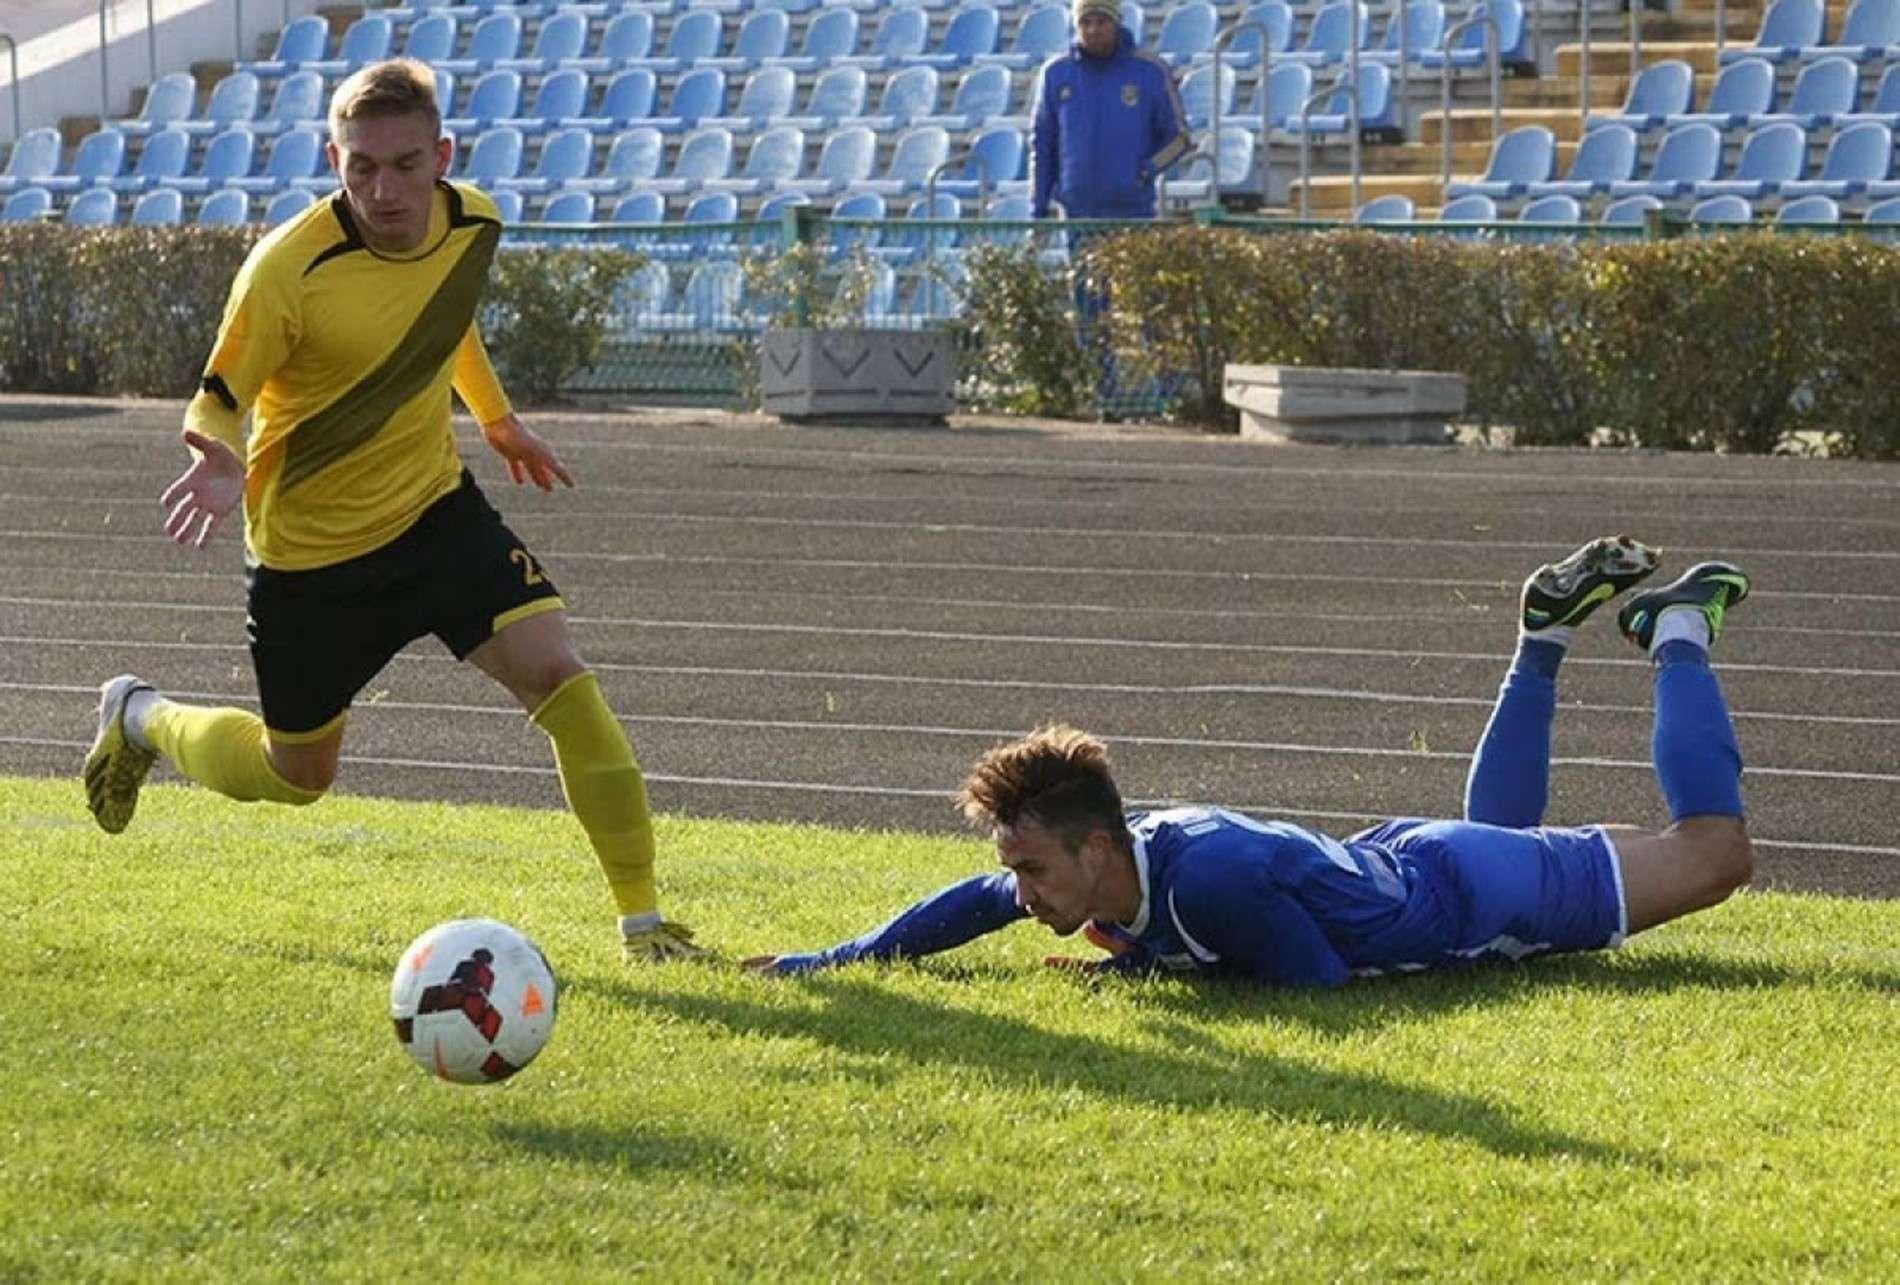 ФК Буковина перемогла на виїзді МФК Миколаїв - 4:0